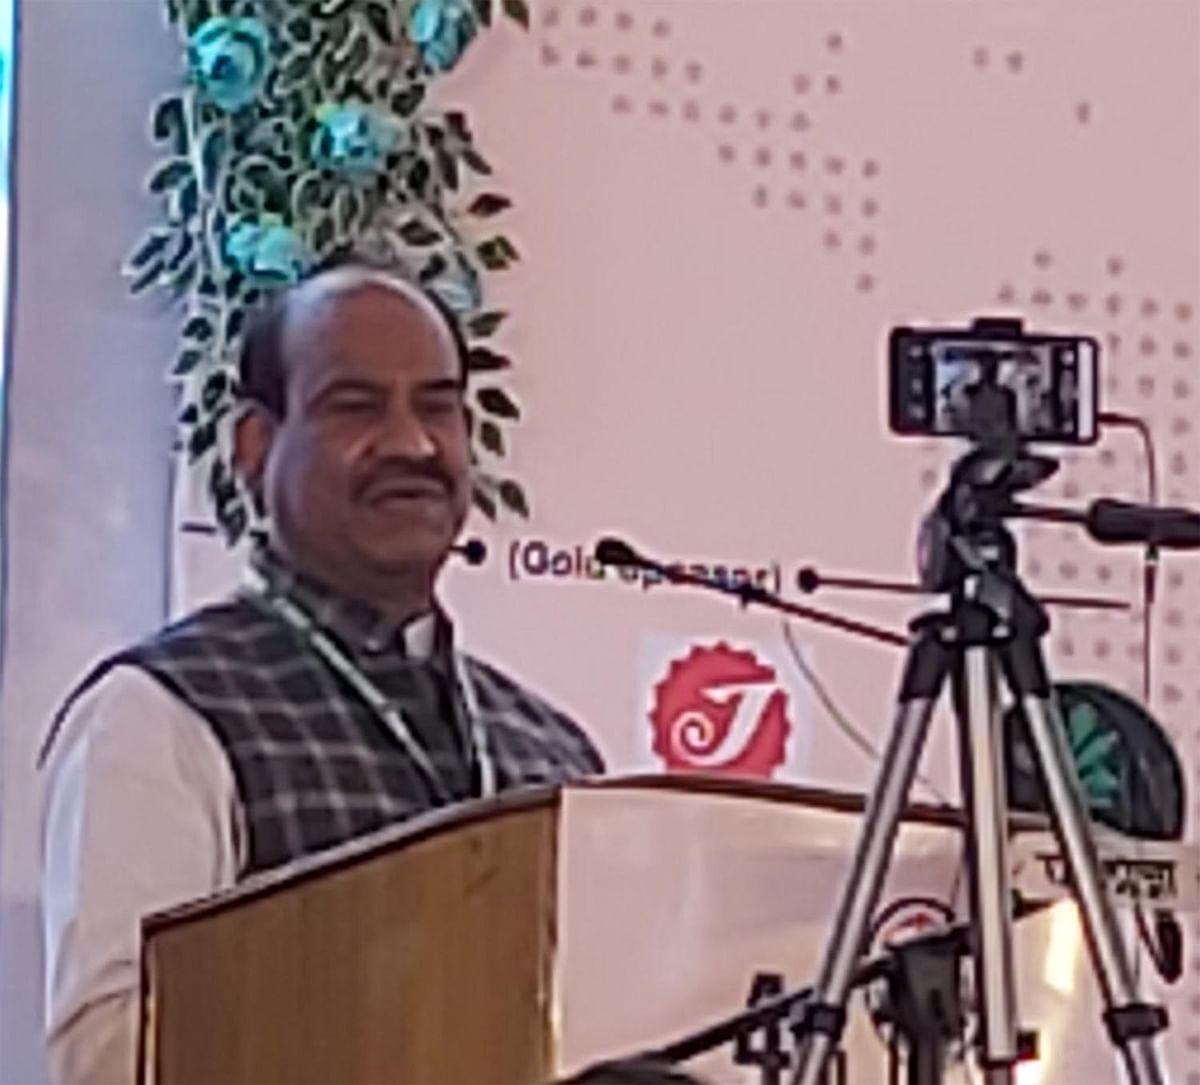 कृषि का रकबा बढ़ाने के लिये नई तकनीक का प्रयोग करें: ओम बिरला